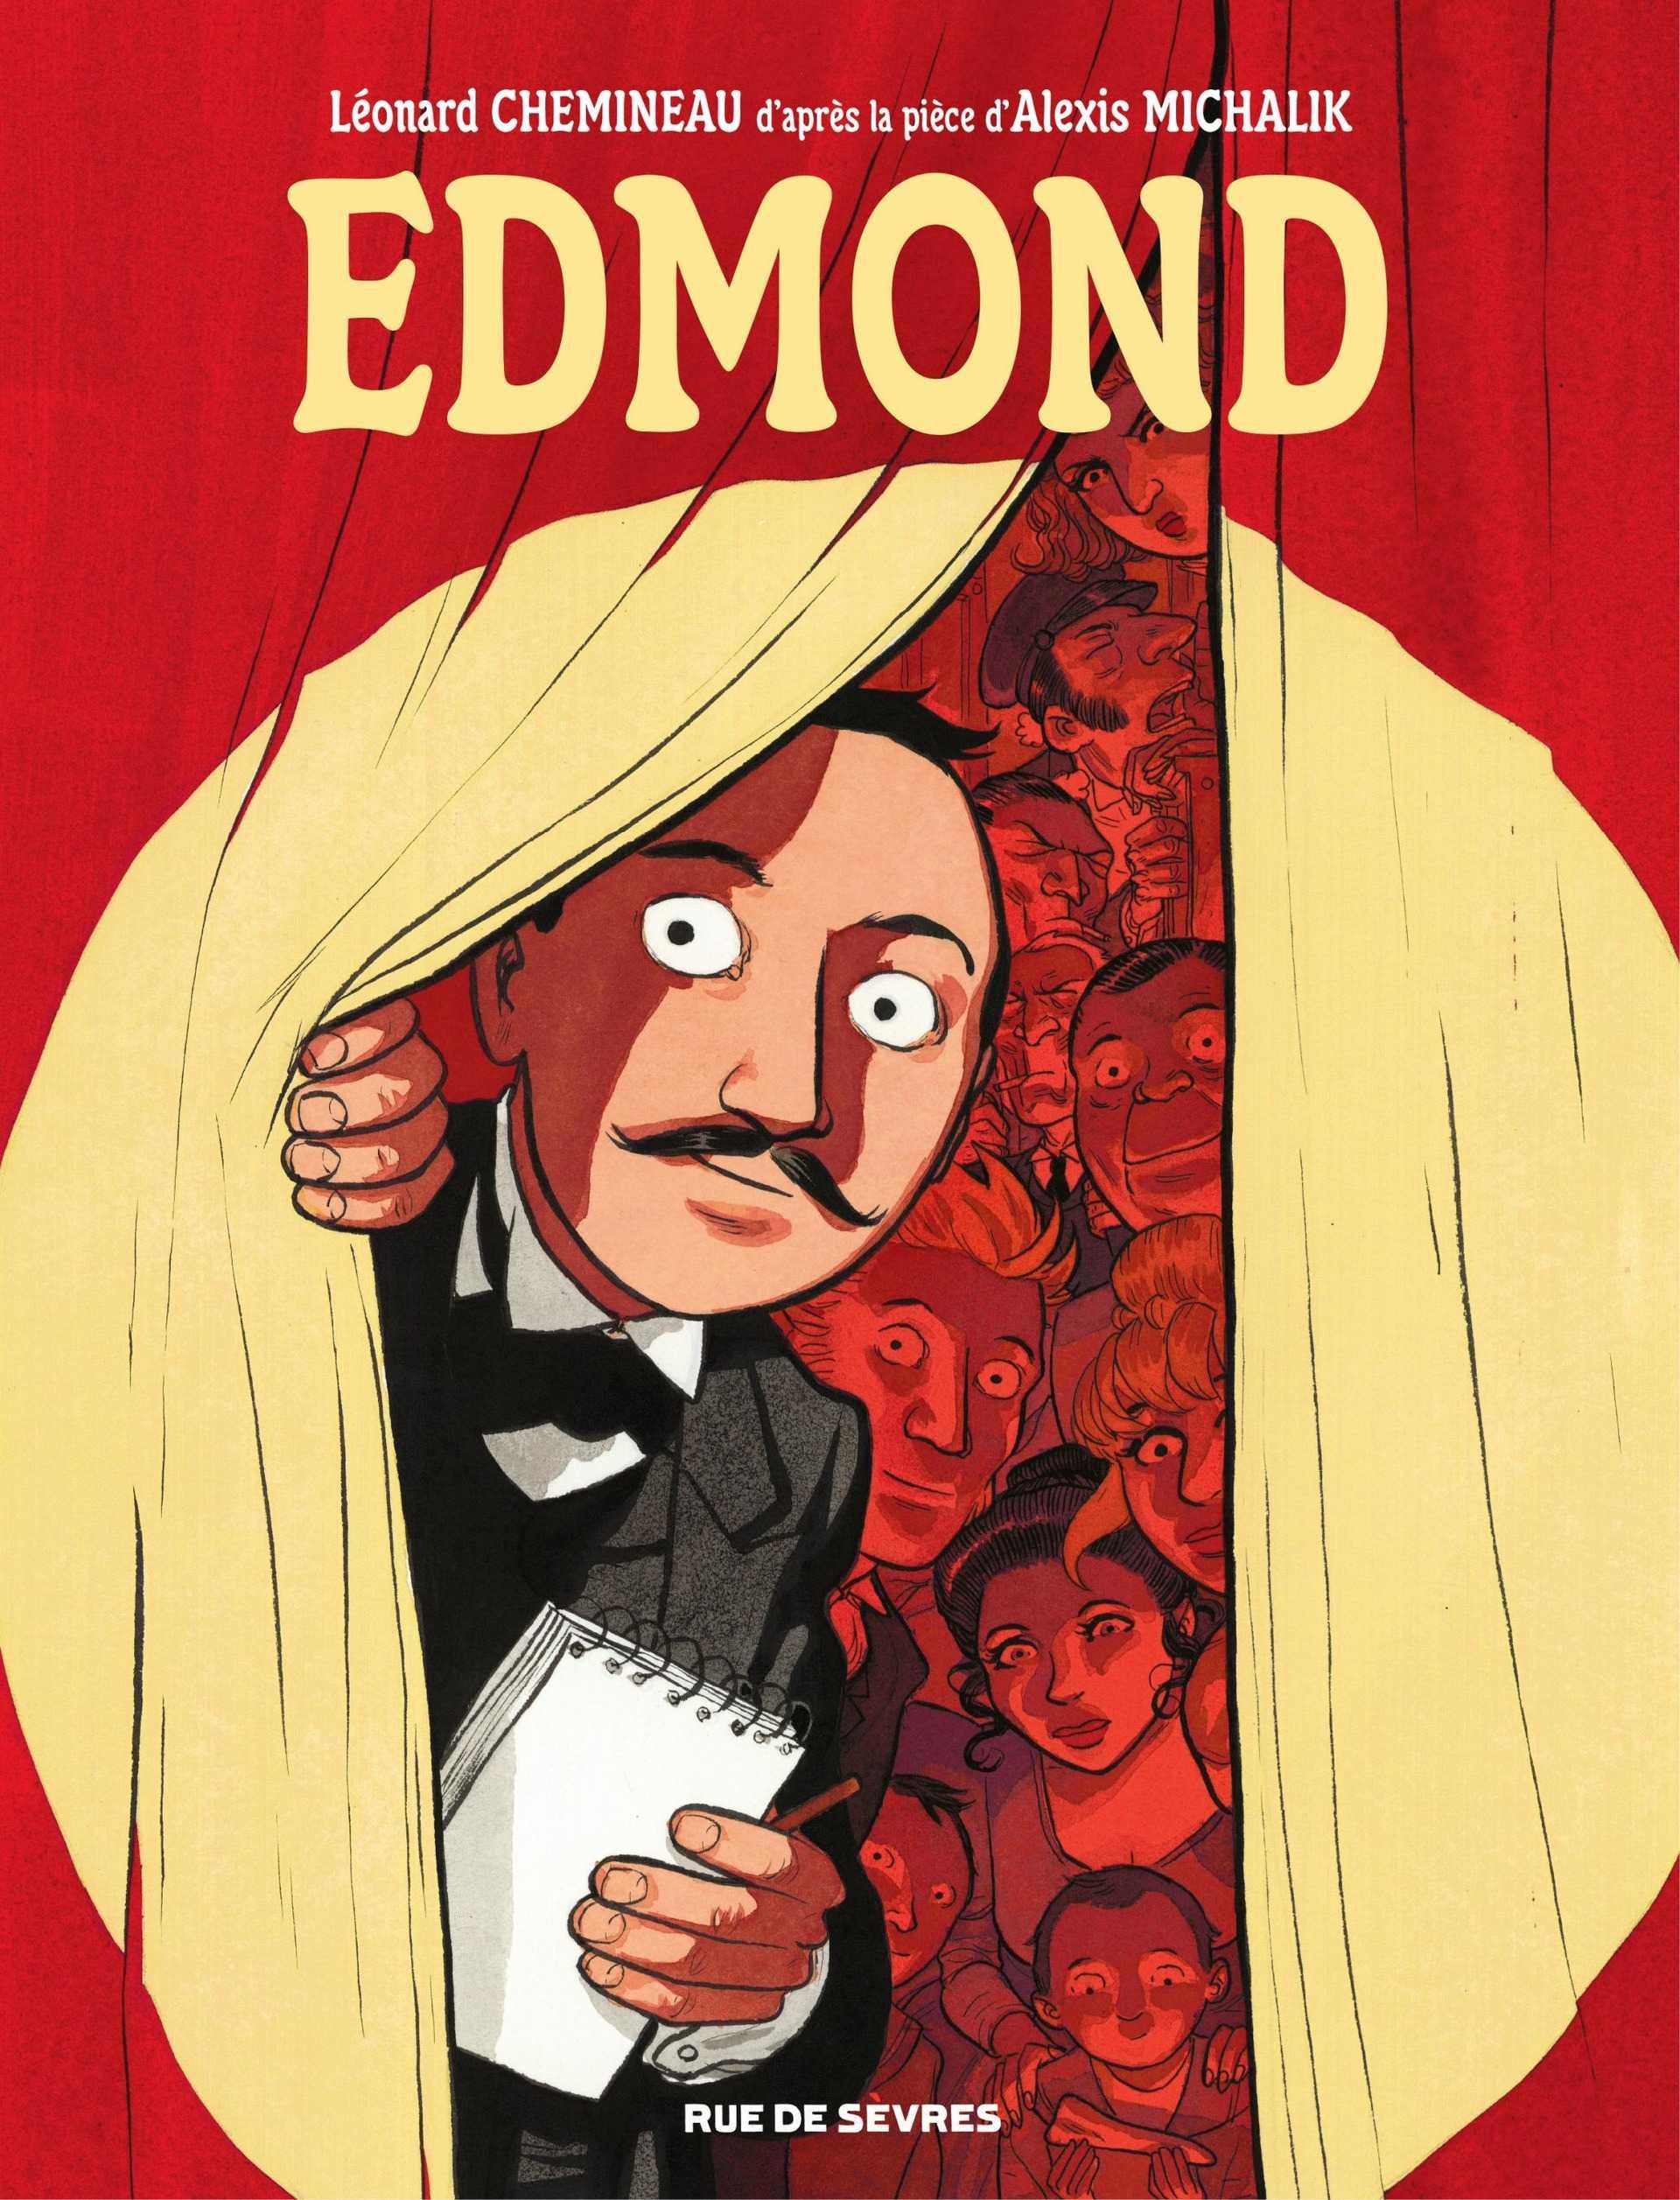 Edmond, quand Cyrano rencontre Michalik et Chemineau